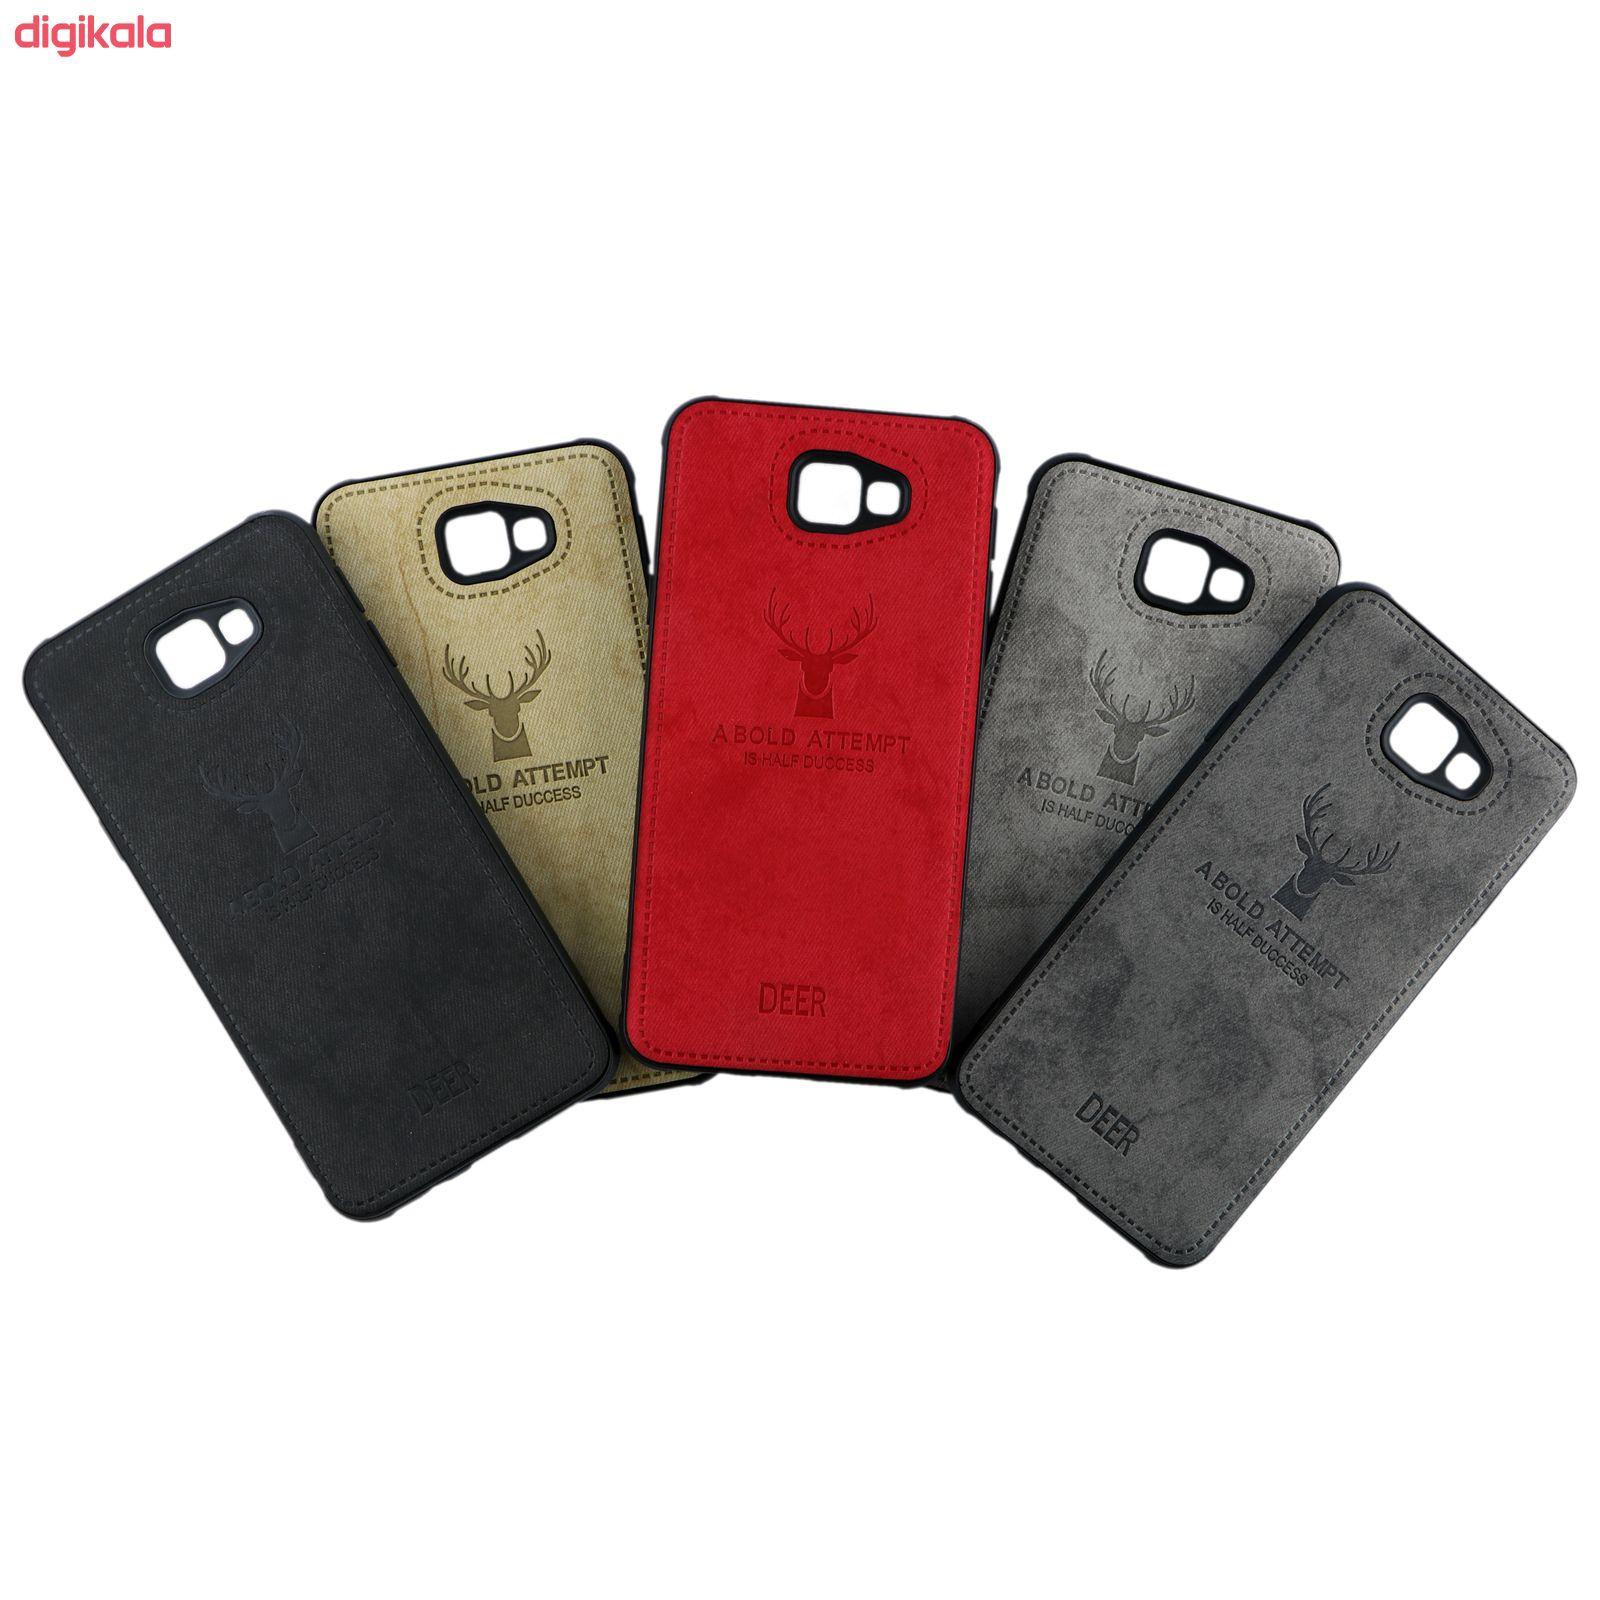 کاور مدل 8X طرح گوزن مناسب برای گوشی موبایل سامسونگ Galaxy J5 Prime main 1 1